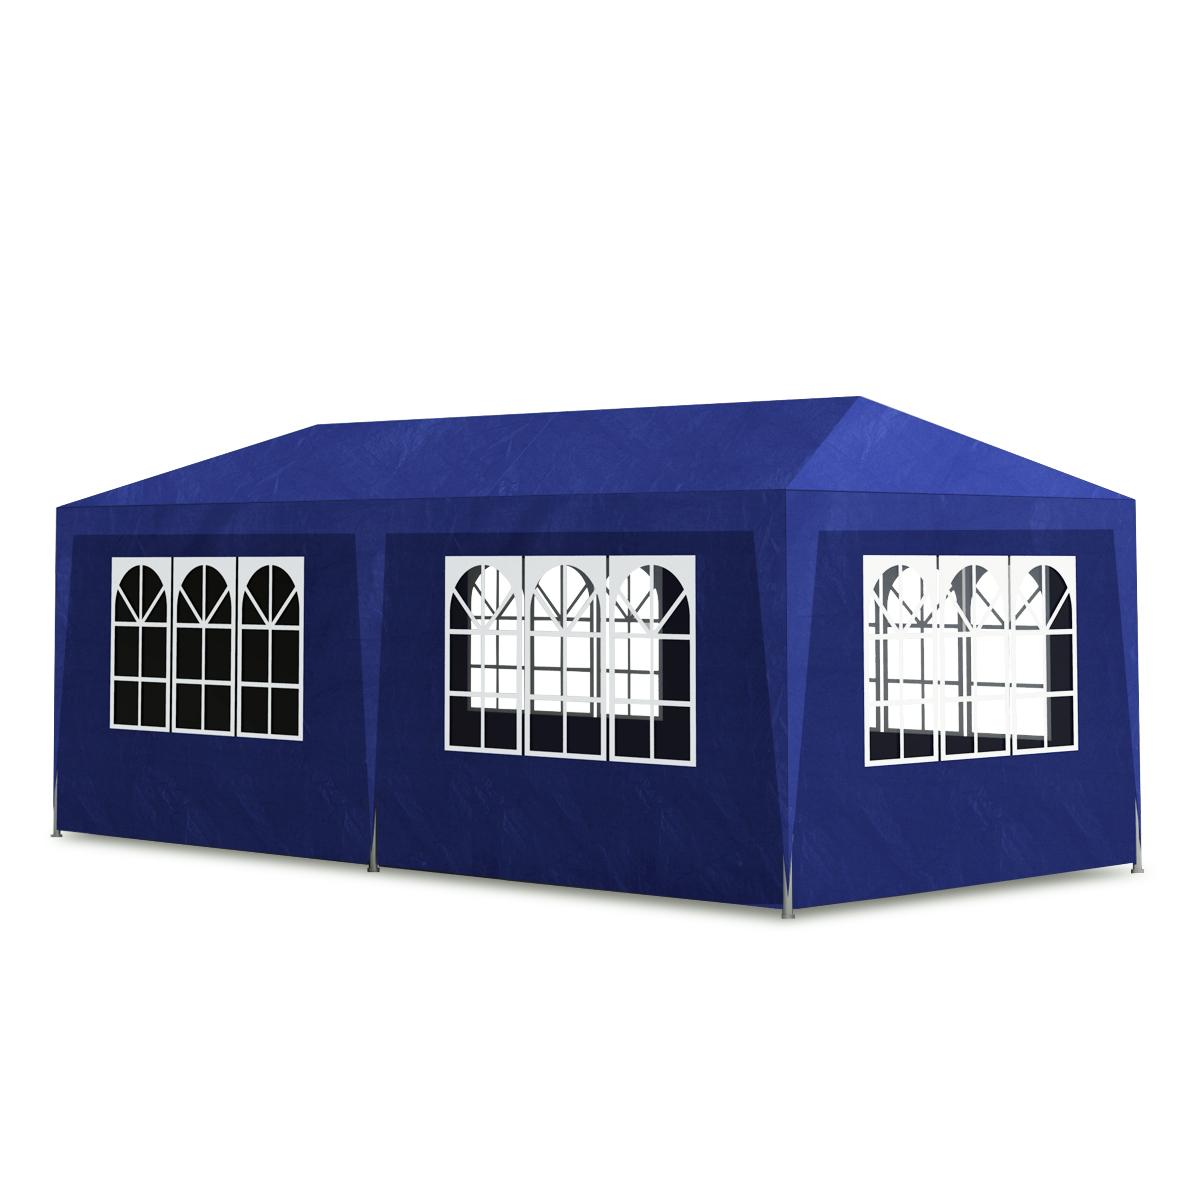 namiot 6 w Oficjalnym Archiwum Allegro Strona 62